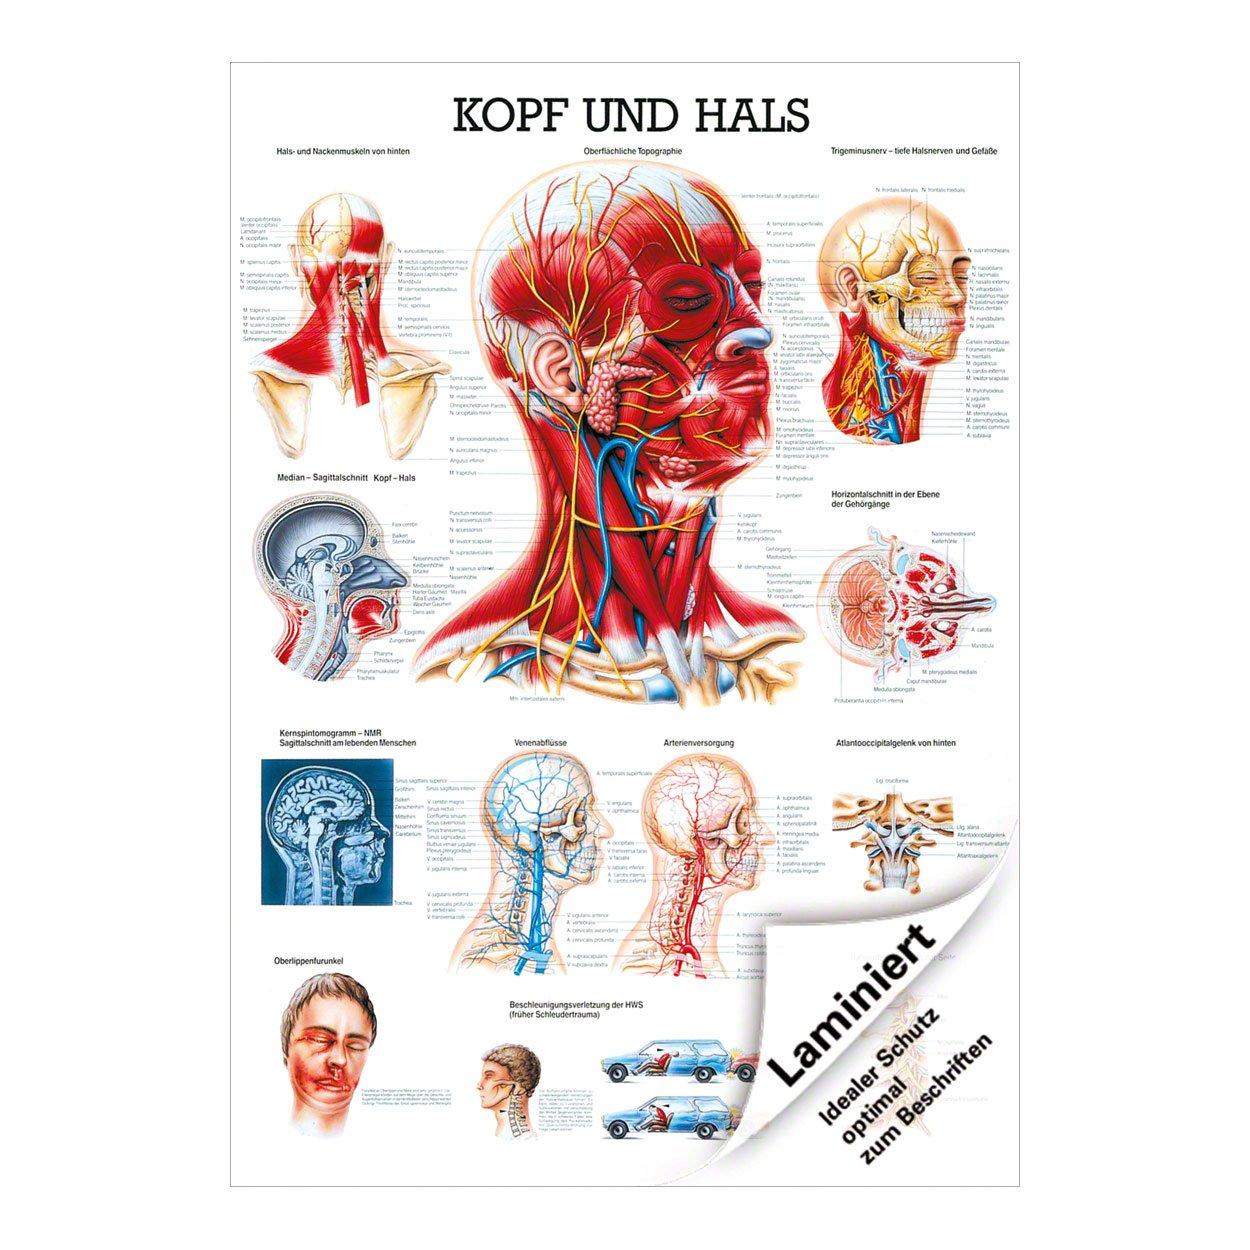 Ausgezeichnet Anatomie Kopf Hals Fotos - Anatomie Und Physiologie ...